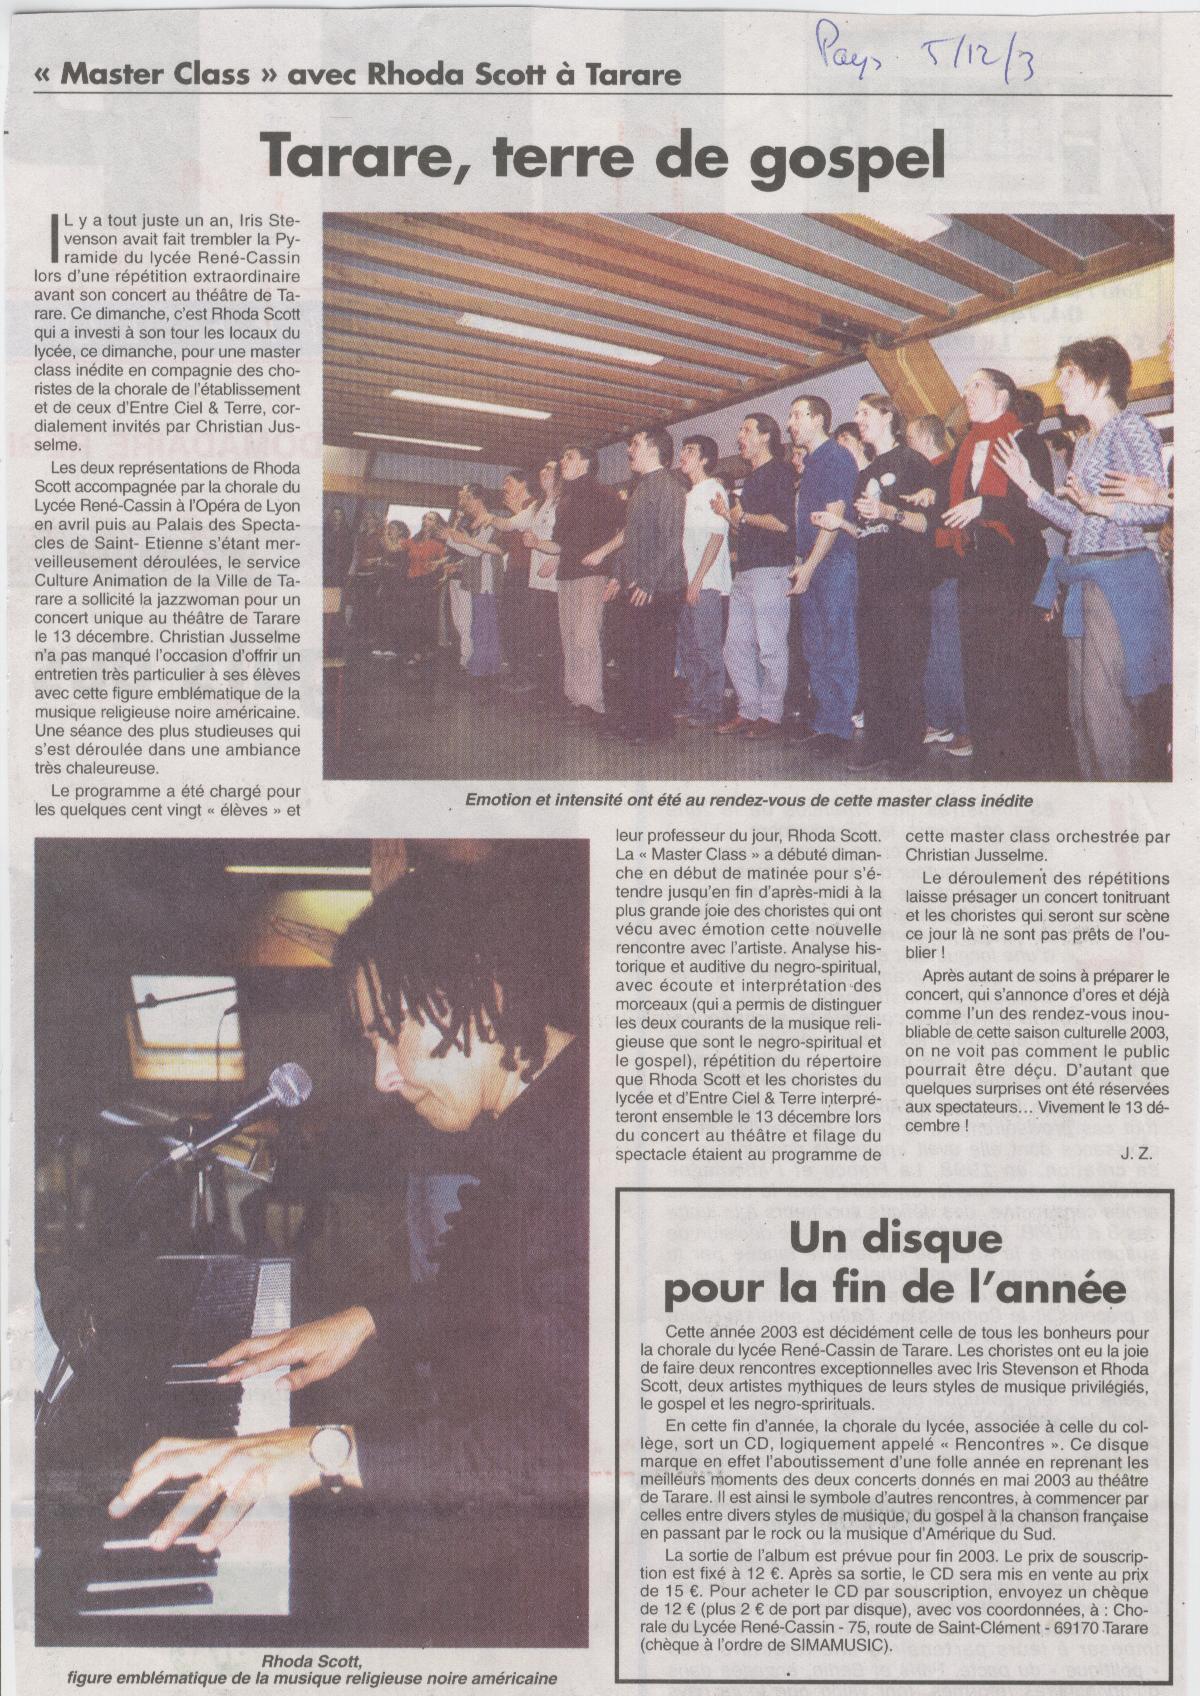 © Le Pays | 25 déc. 2003